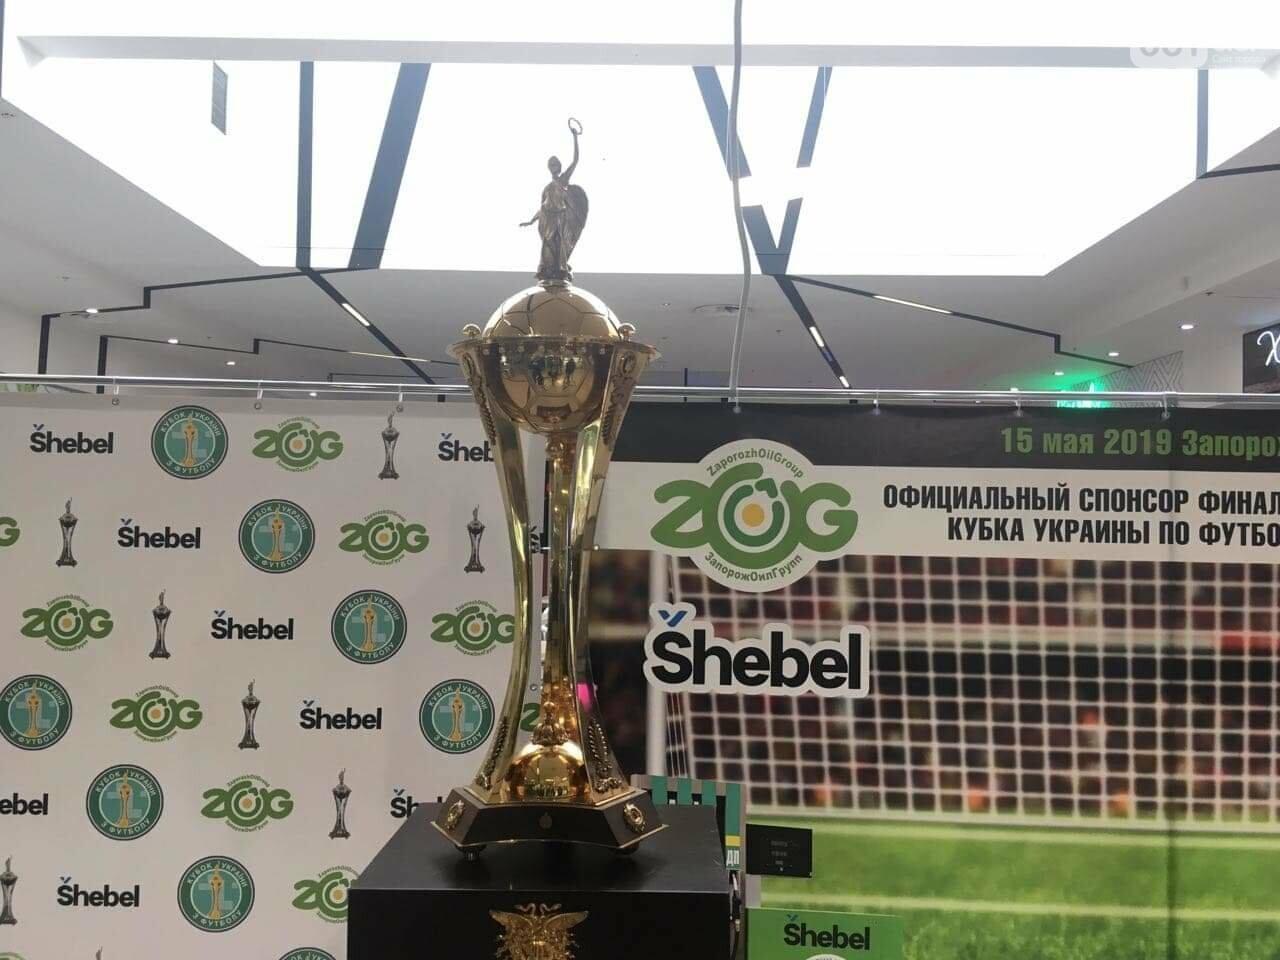 Главный футбольный трофей страны выставили в запорожском торговом центре, - ФОТО, фото-1